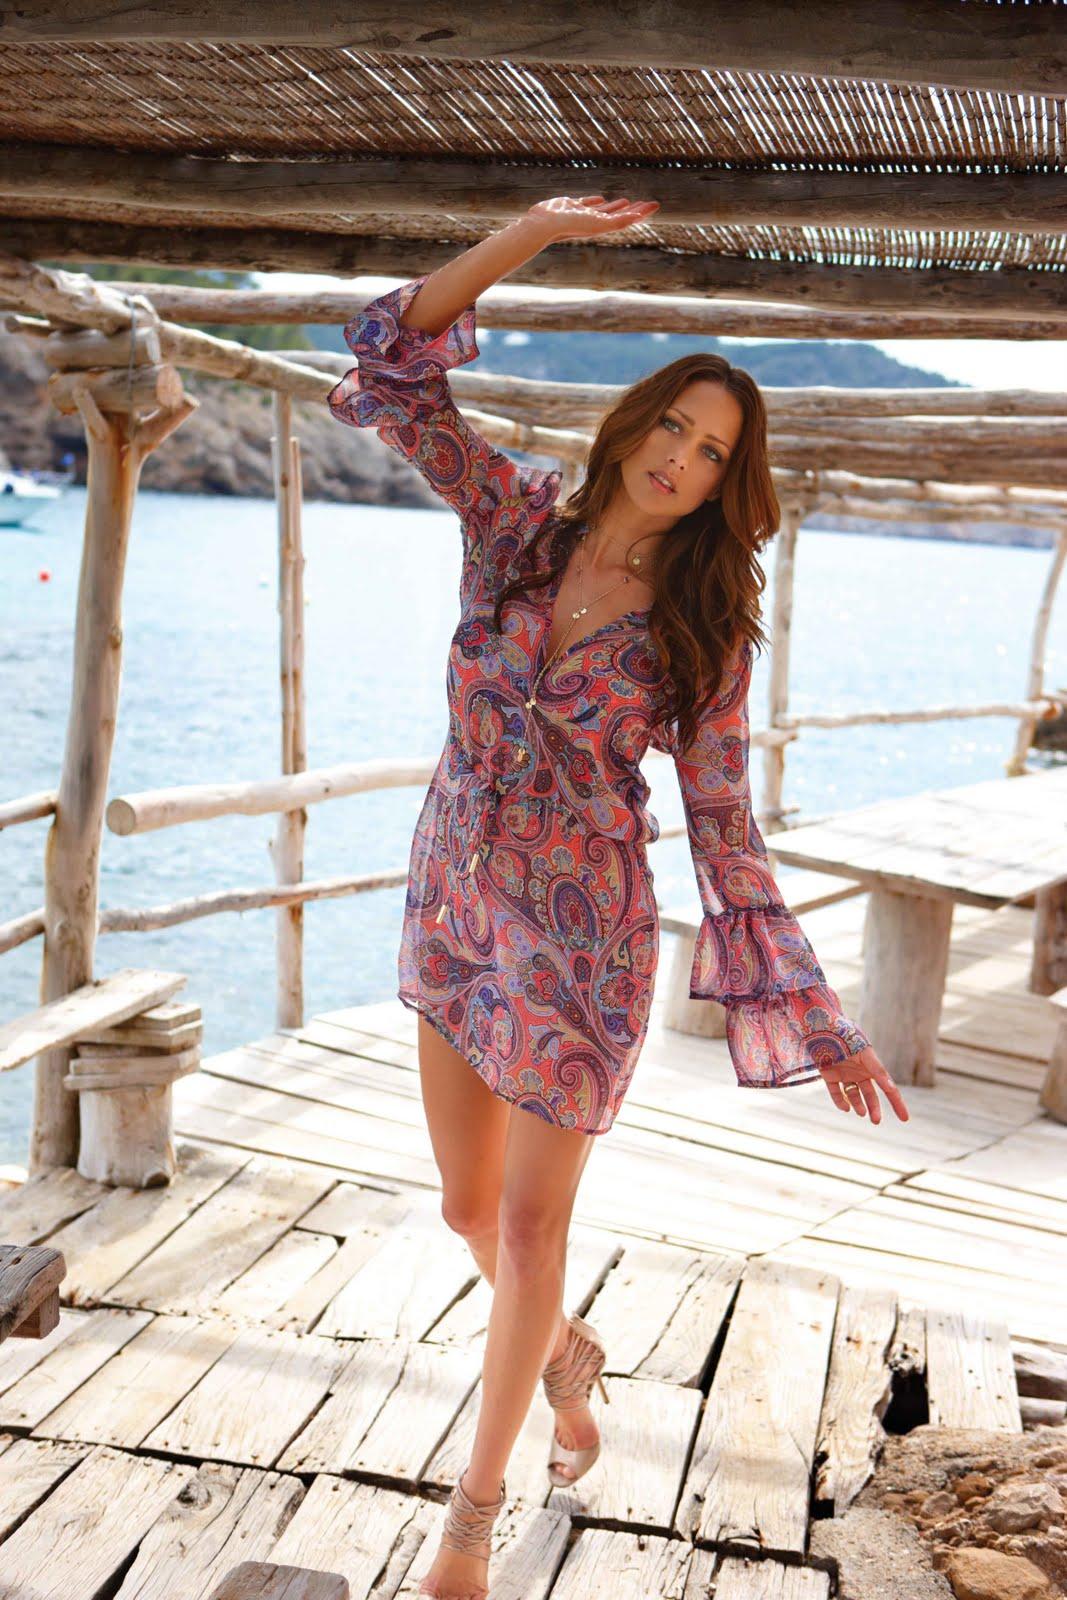 fringed swimsuit Strange Swimsuits: Melissa Odabash Sardegna fringed …